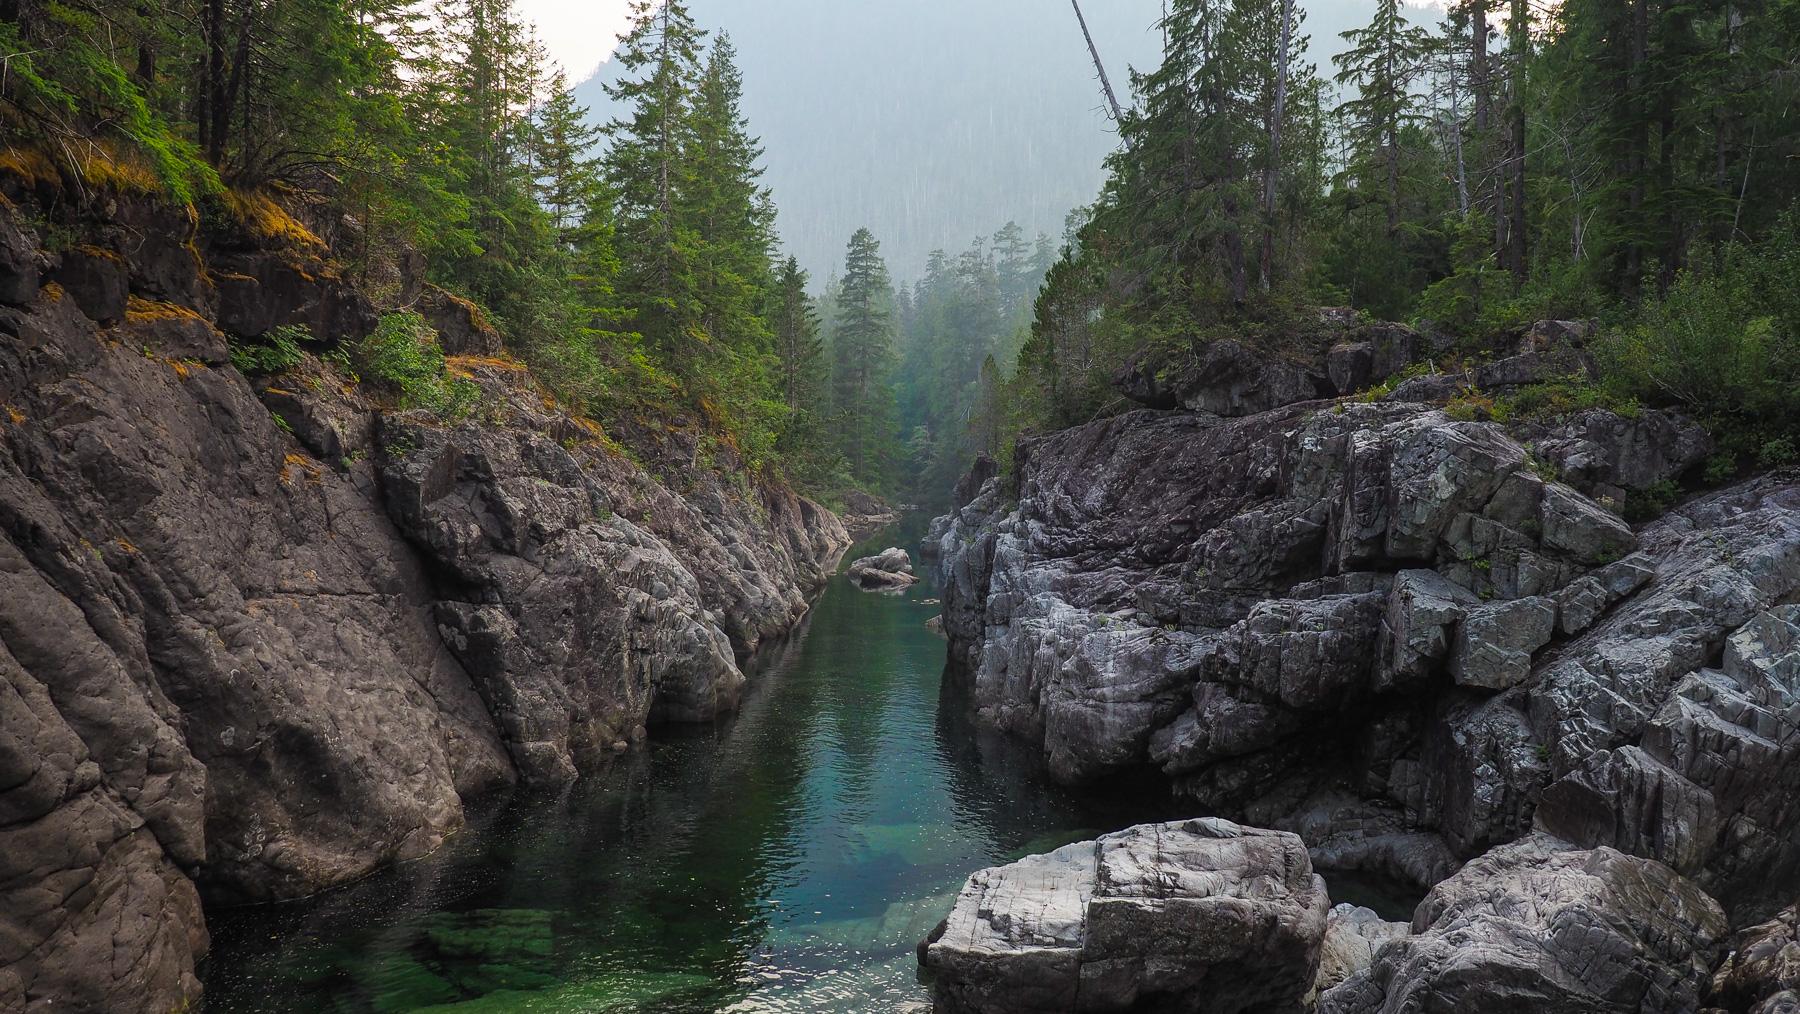 ein Bär stromert entlang der gegenüber liegenden Flußseite (sieht man hier nicht mehr)